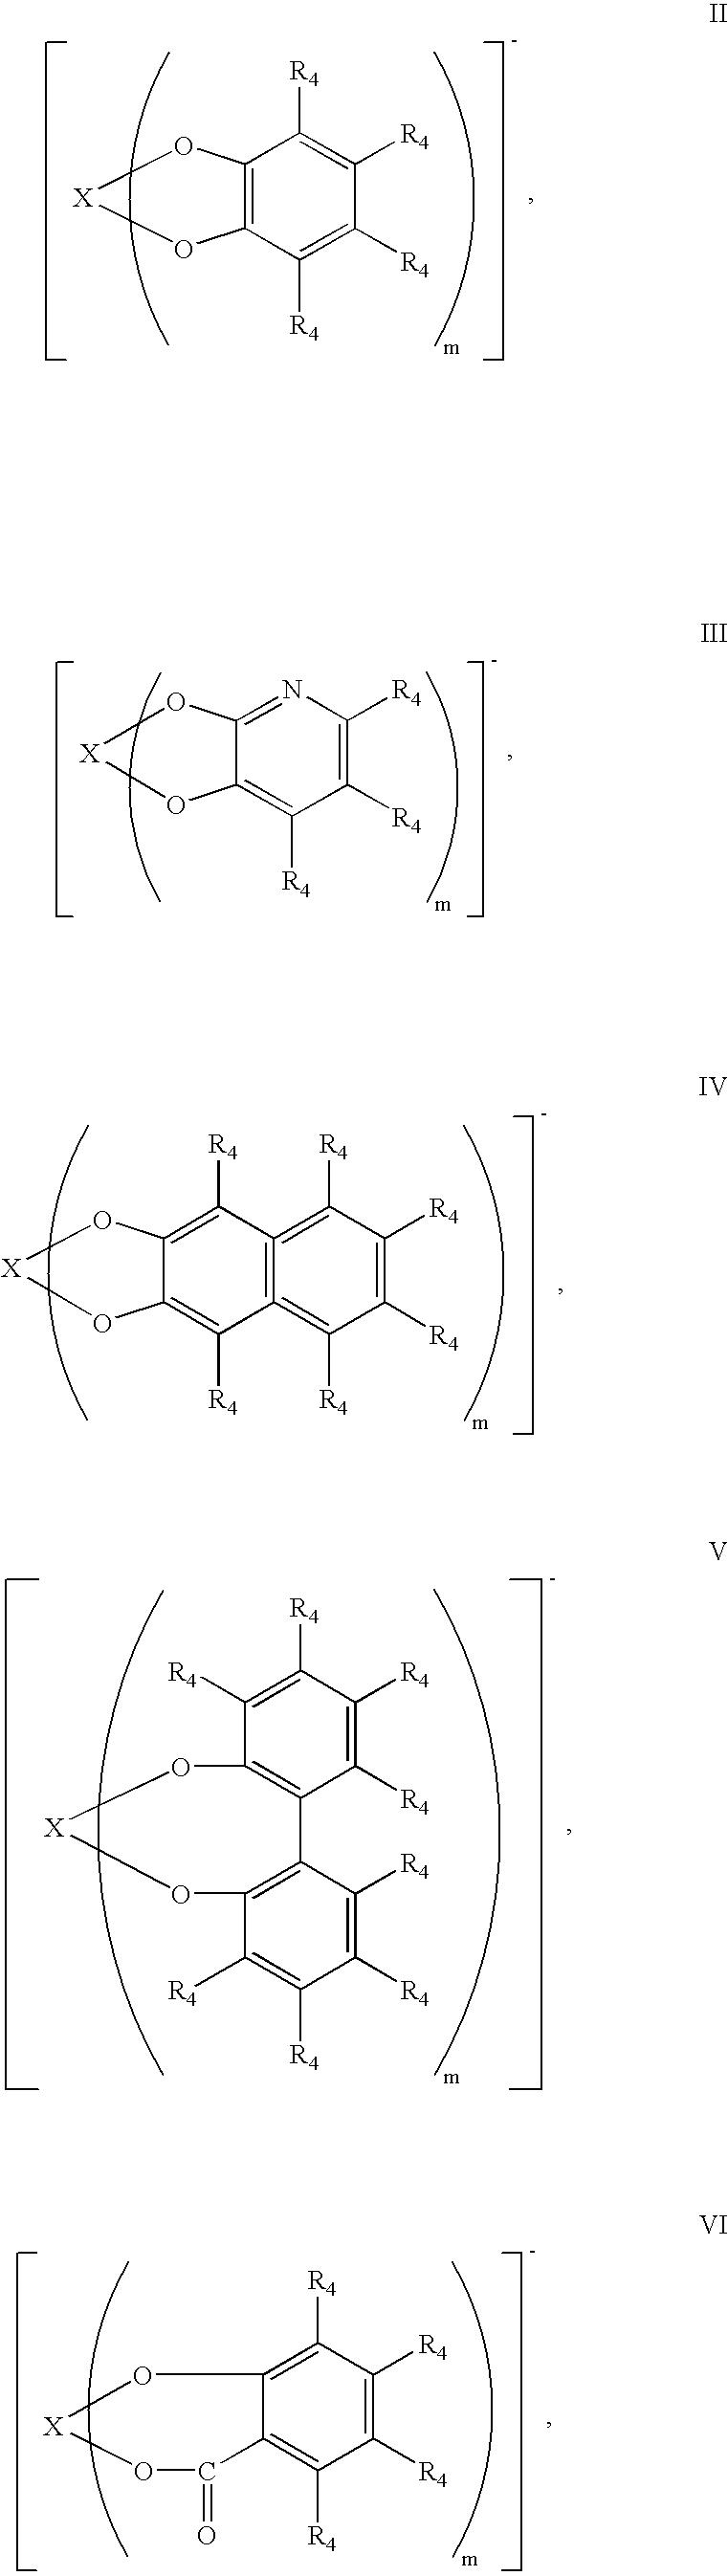 Figure US20040007693A1-20040115-C00002